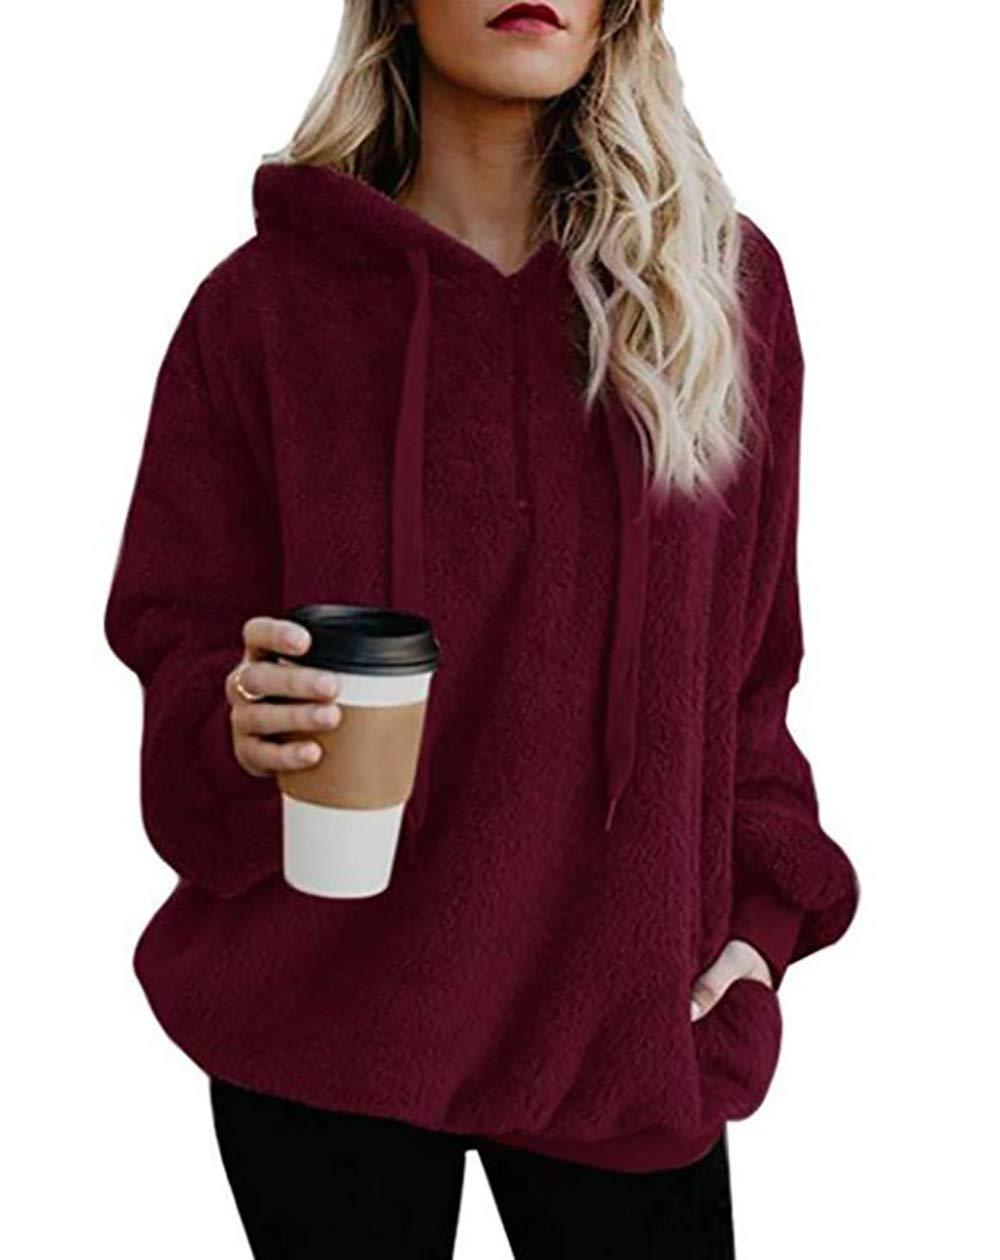 PRETTYGARDEN Women's Winter Long Sleeves 1/4 Zip Double Fuzzy Fleece Coat Oversized Hooded Pullover Sweatshirt Outwear with Pockets